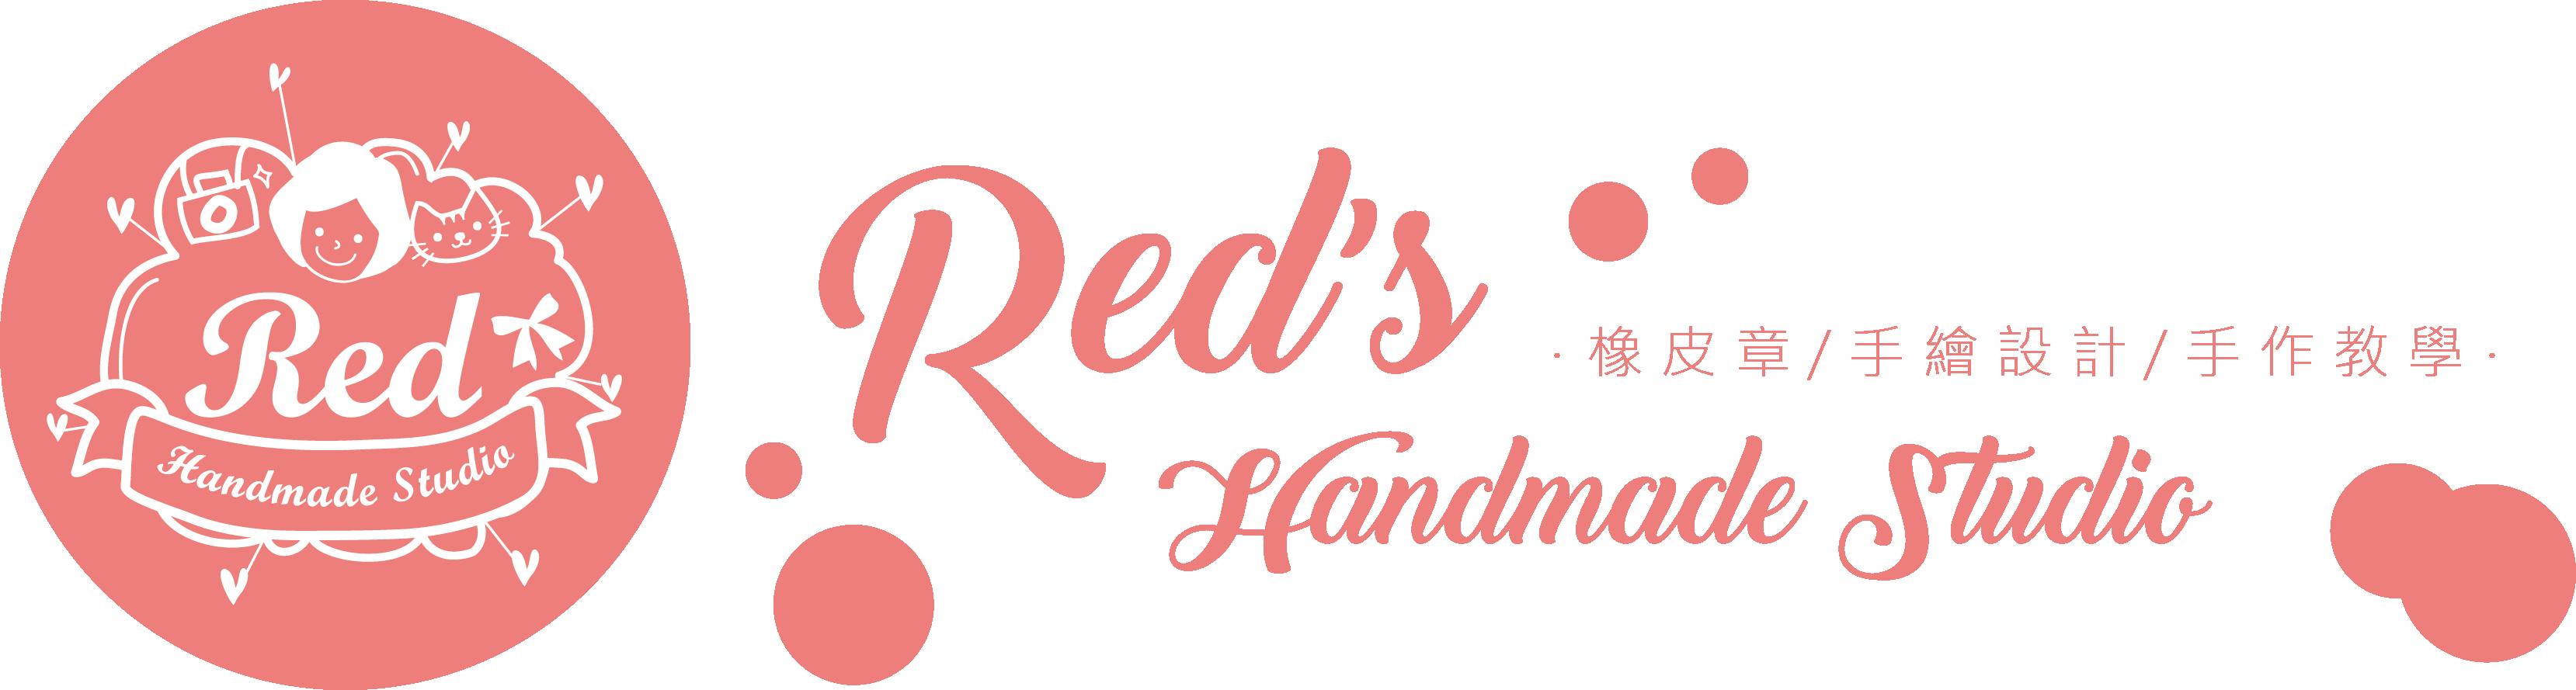 RED溫暖手作